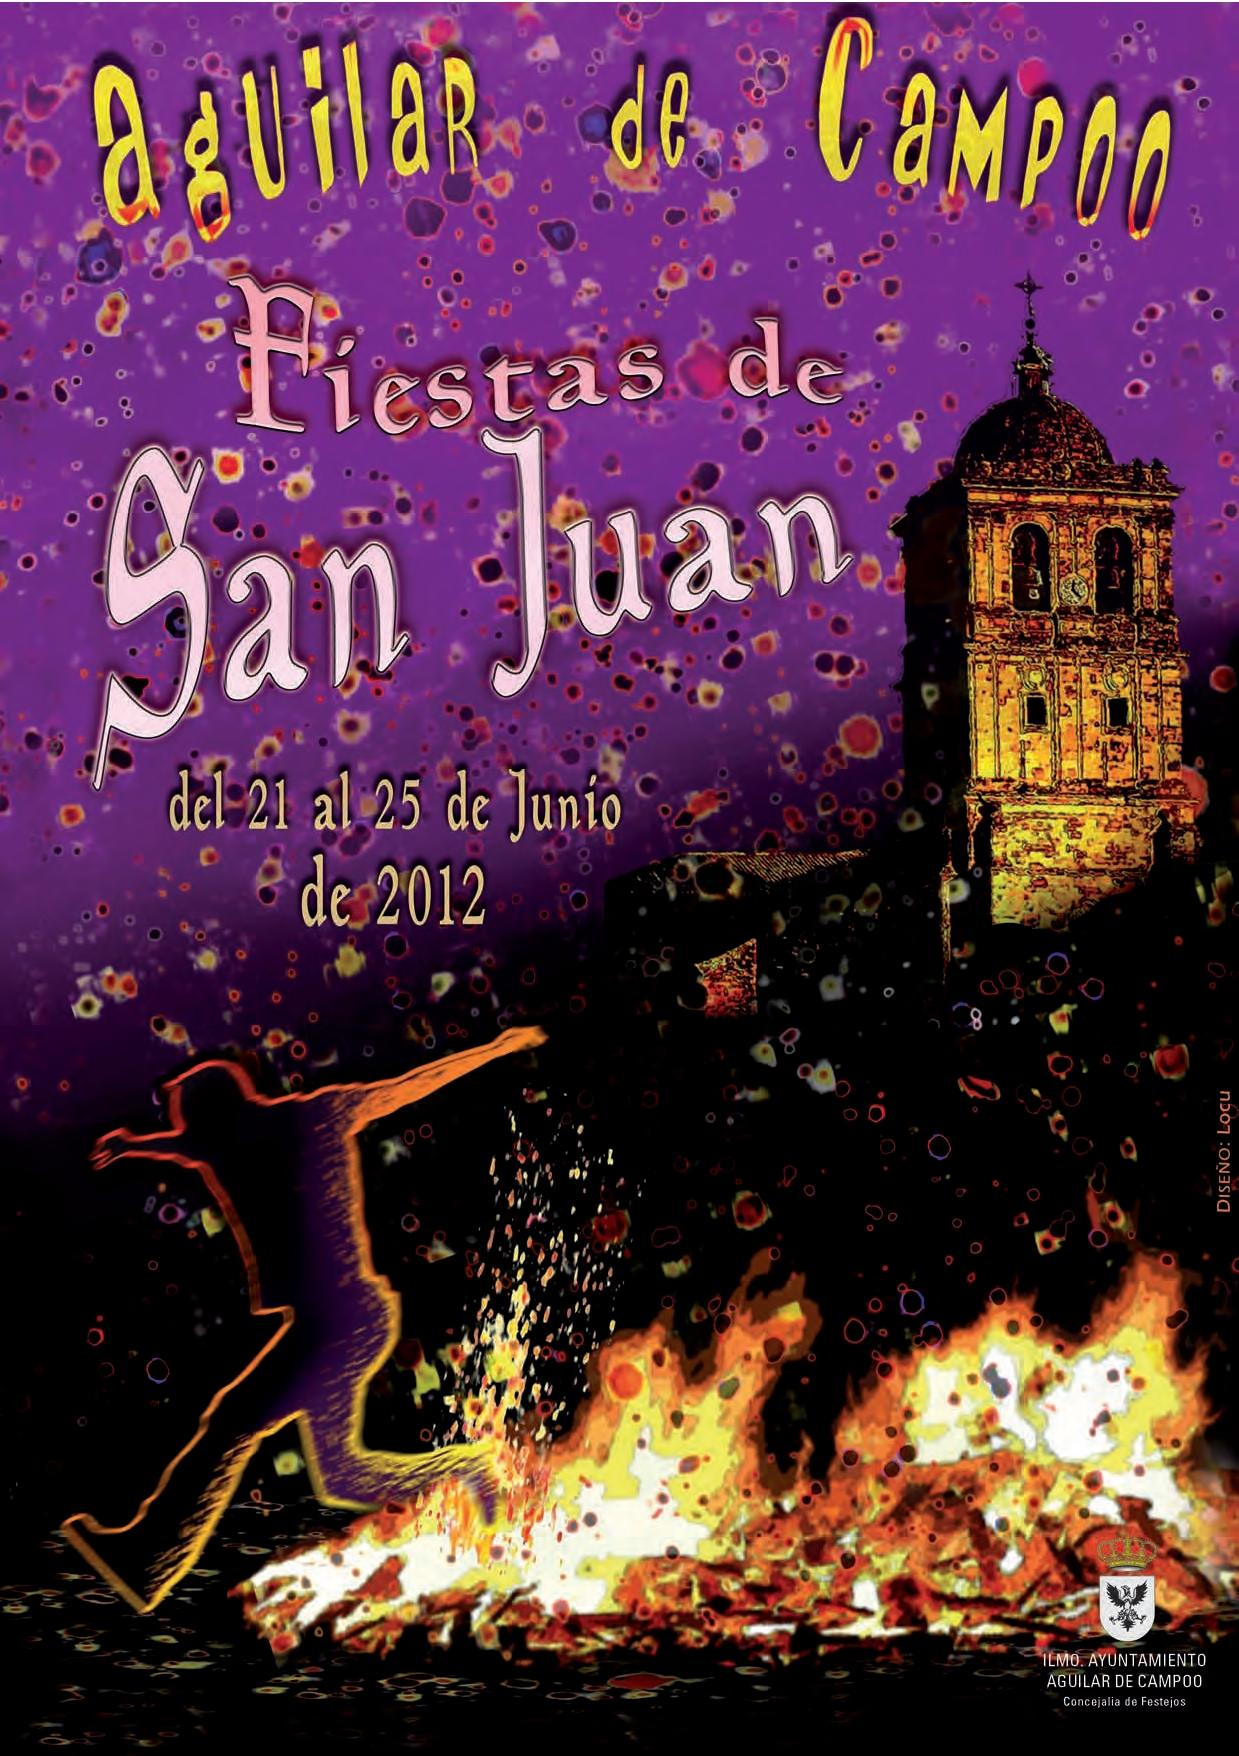 Fiestas de San Juan 2012